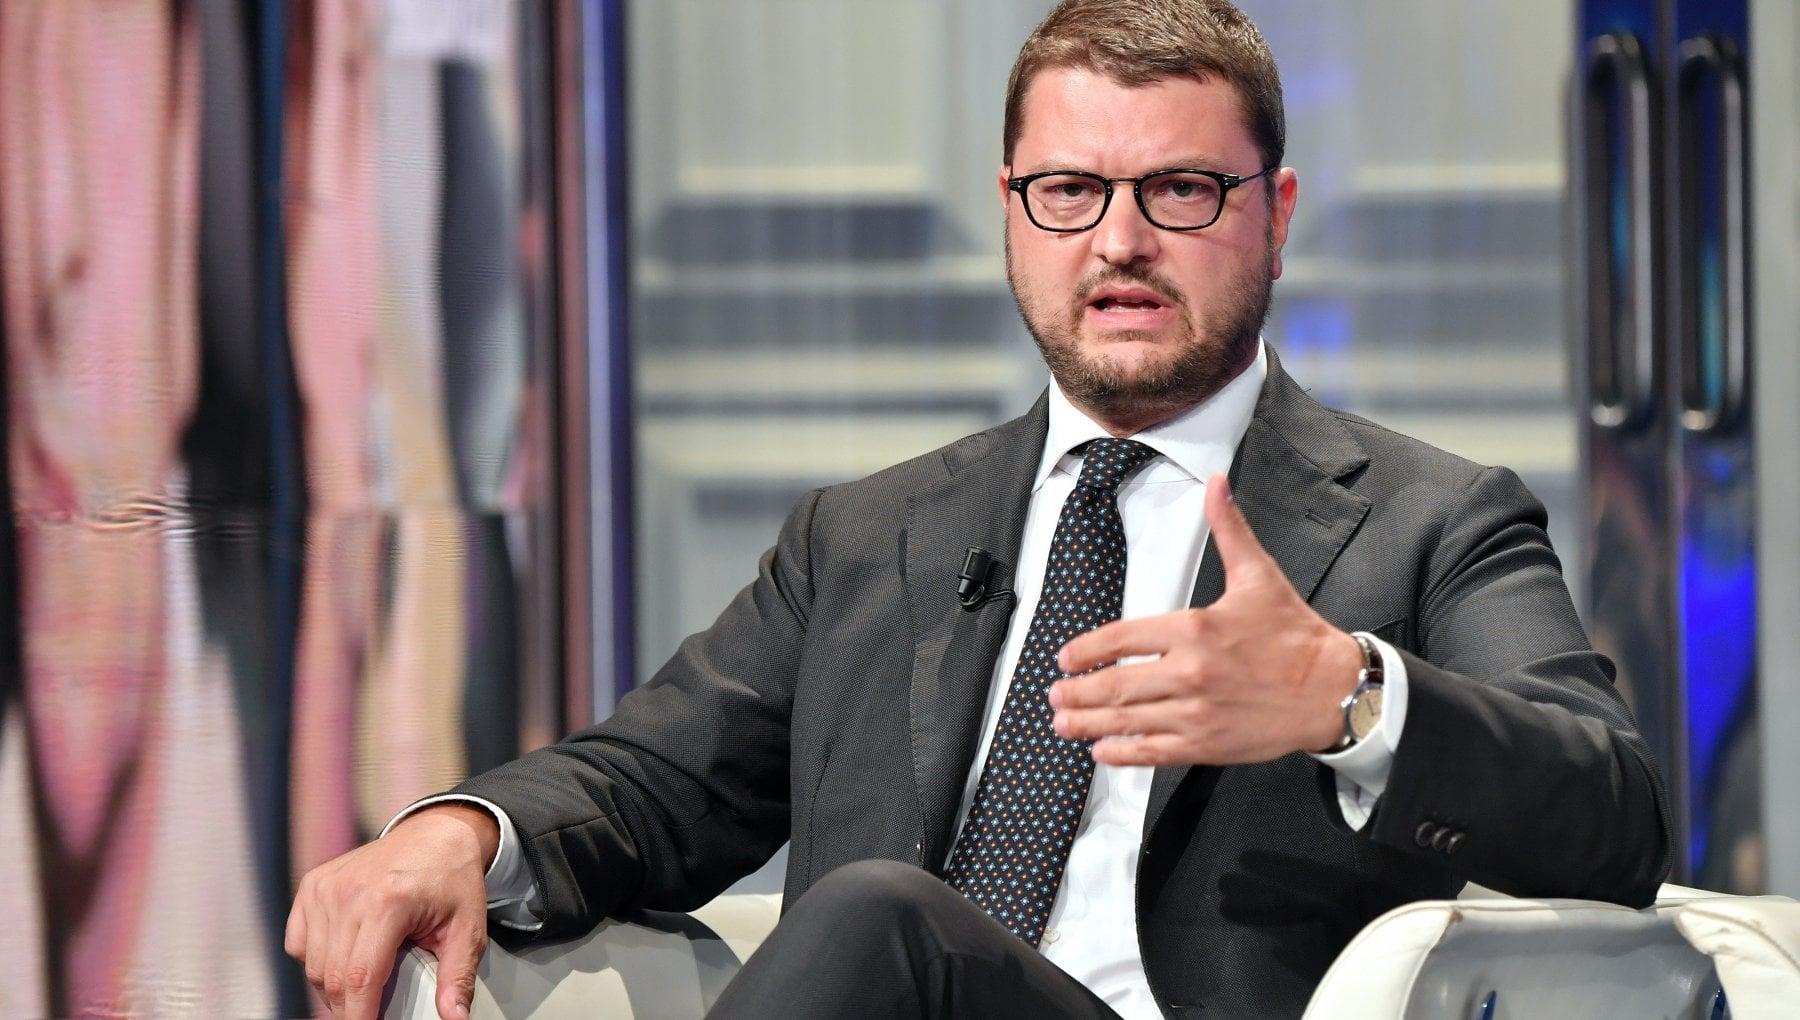 Governo Migliore Iv sulla crisi Conte ostaggio dei ministri che non vogliono cambiamenti